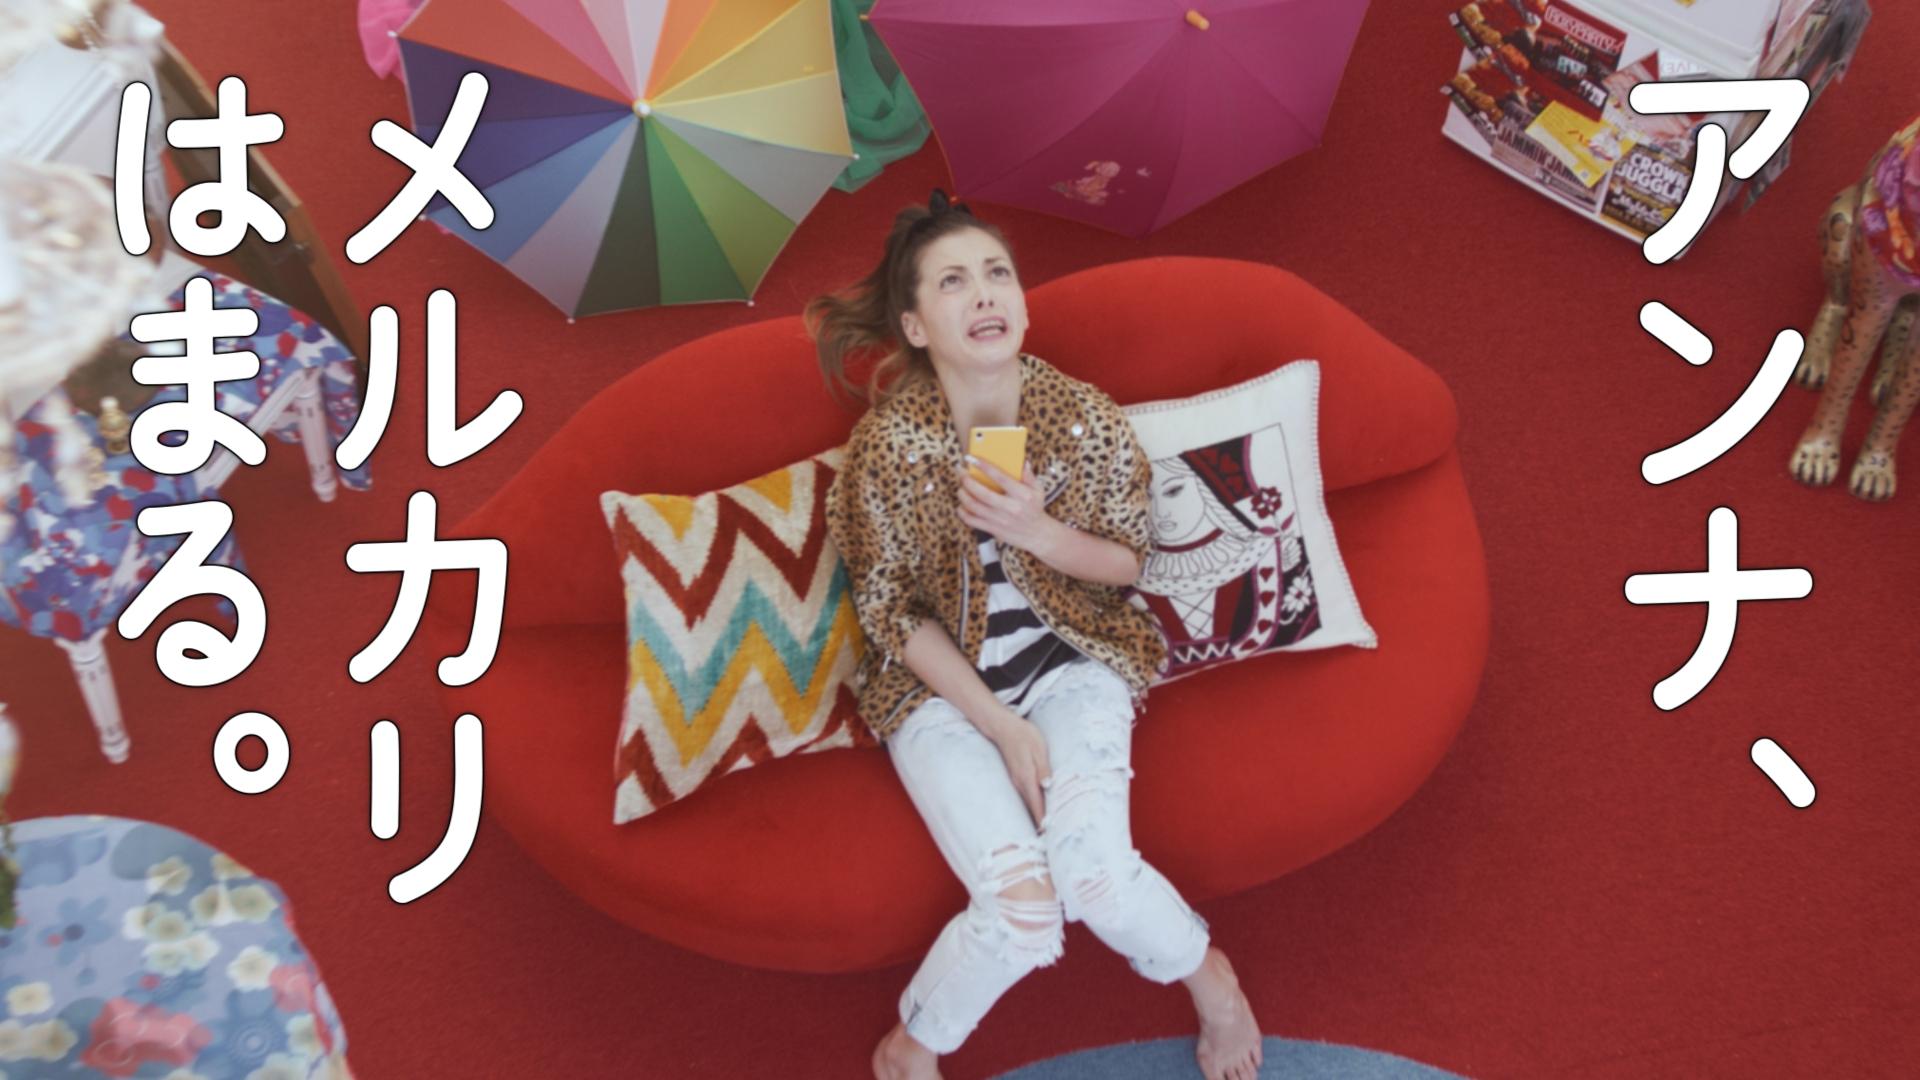 フリマアプリ「メルカリ」、新クリエイティブのテレビCM開始と現金100万円プレゼントキャンペーンのお知らせ http://www.mercariapp.com/jp/